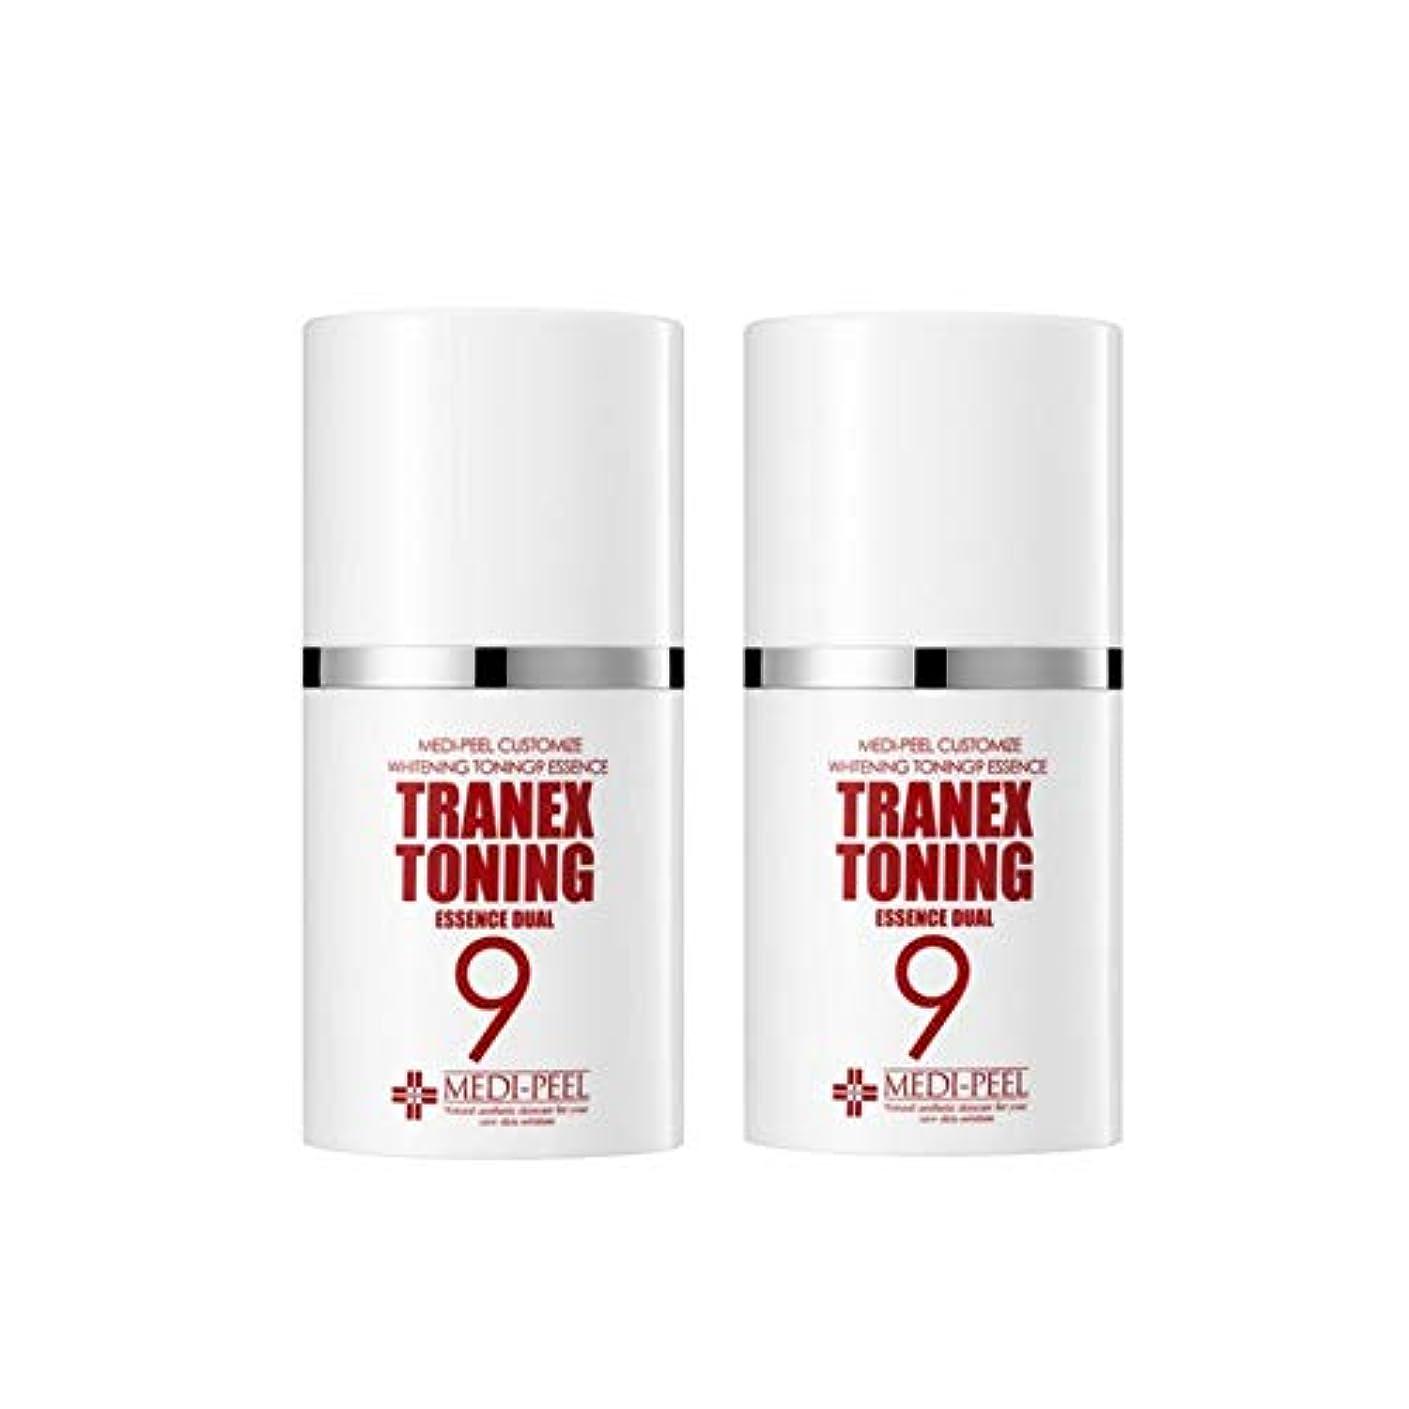 記念碑的な鏡絶えずメディピル?トラネック調9エッセンスデュアル50mlx2本セット美白クリーム韓国コスメ、Medi-Peel Tranex Toning 9 Essence Dual 50ml x 2ea Set Whitening Cream...